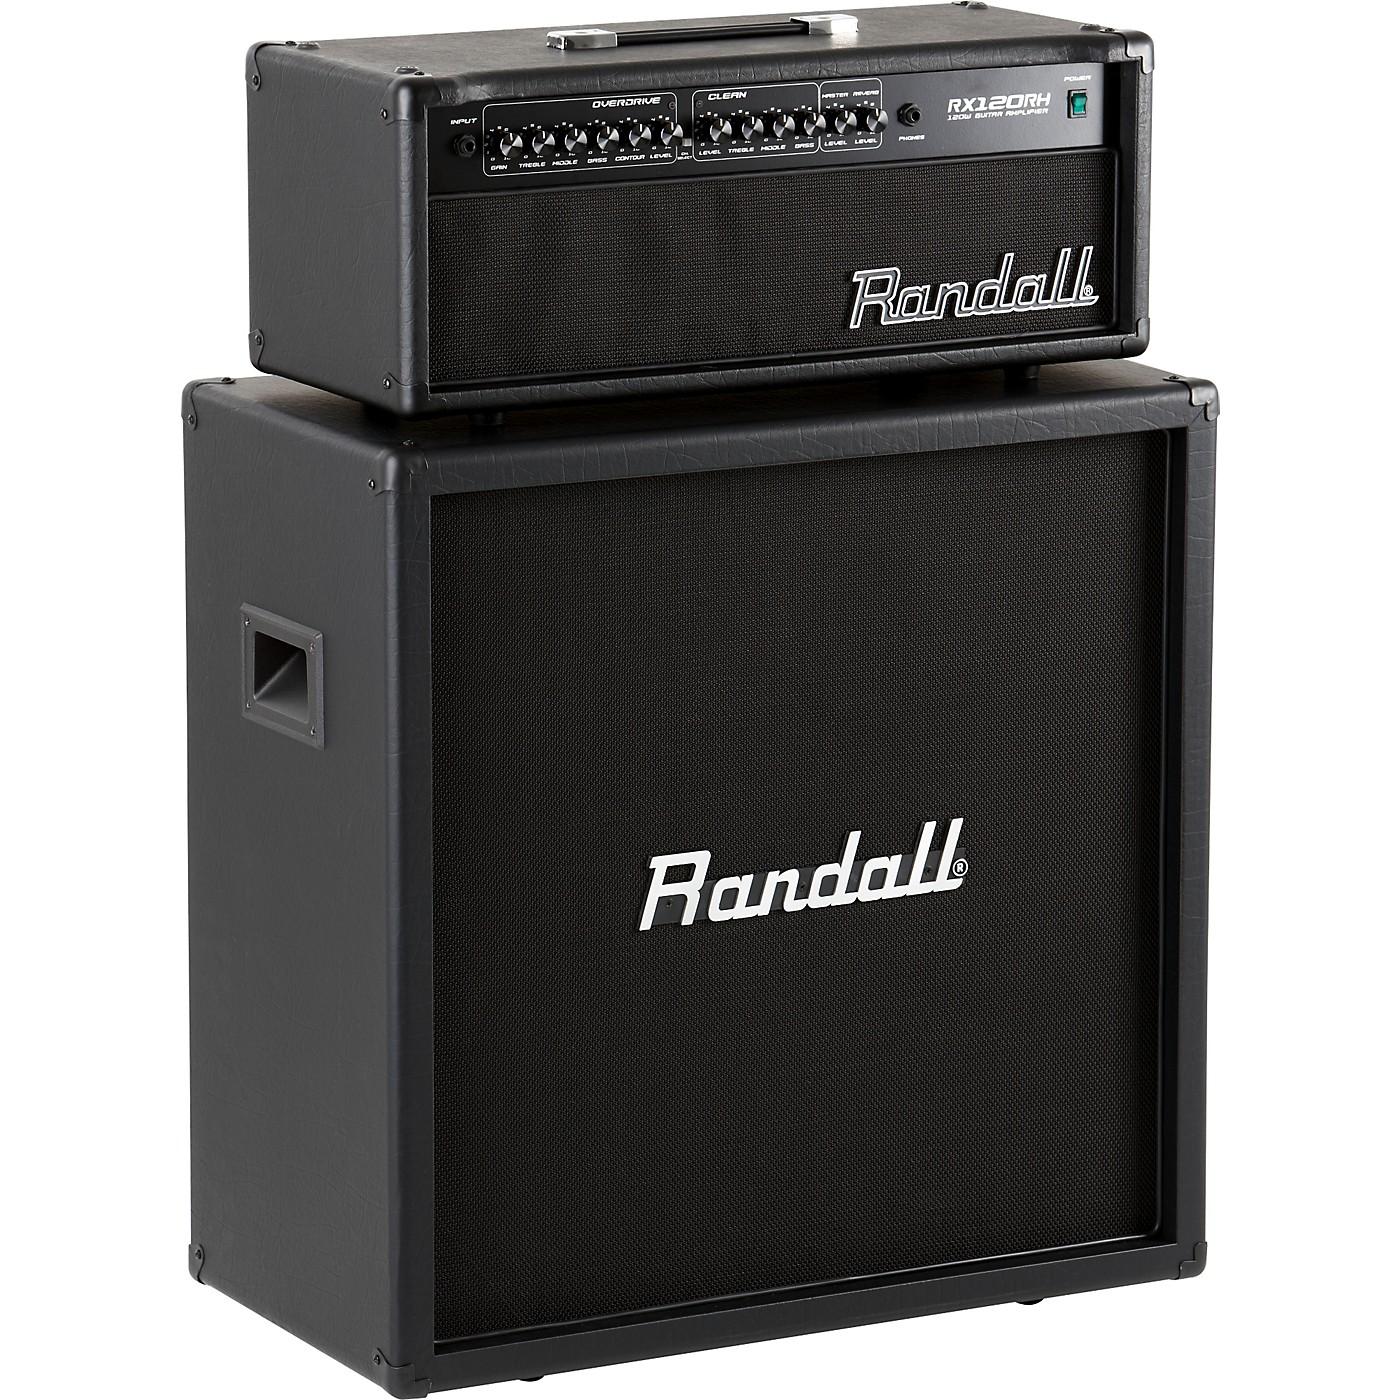 Randall RX120RH and RX412 Half Stack thumbnail